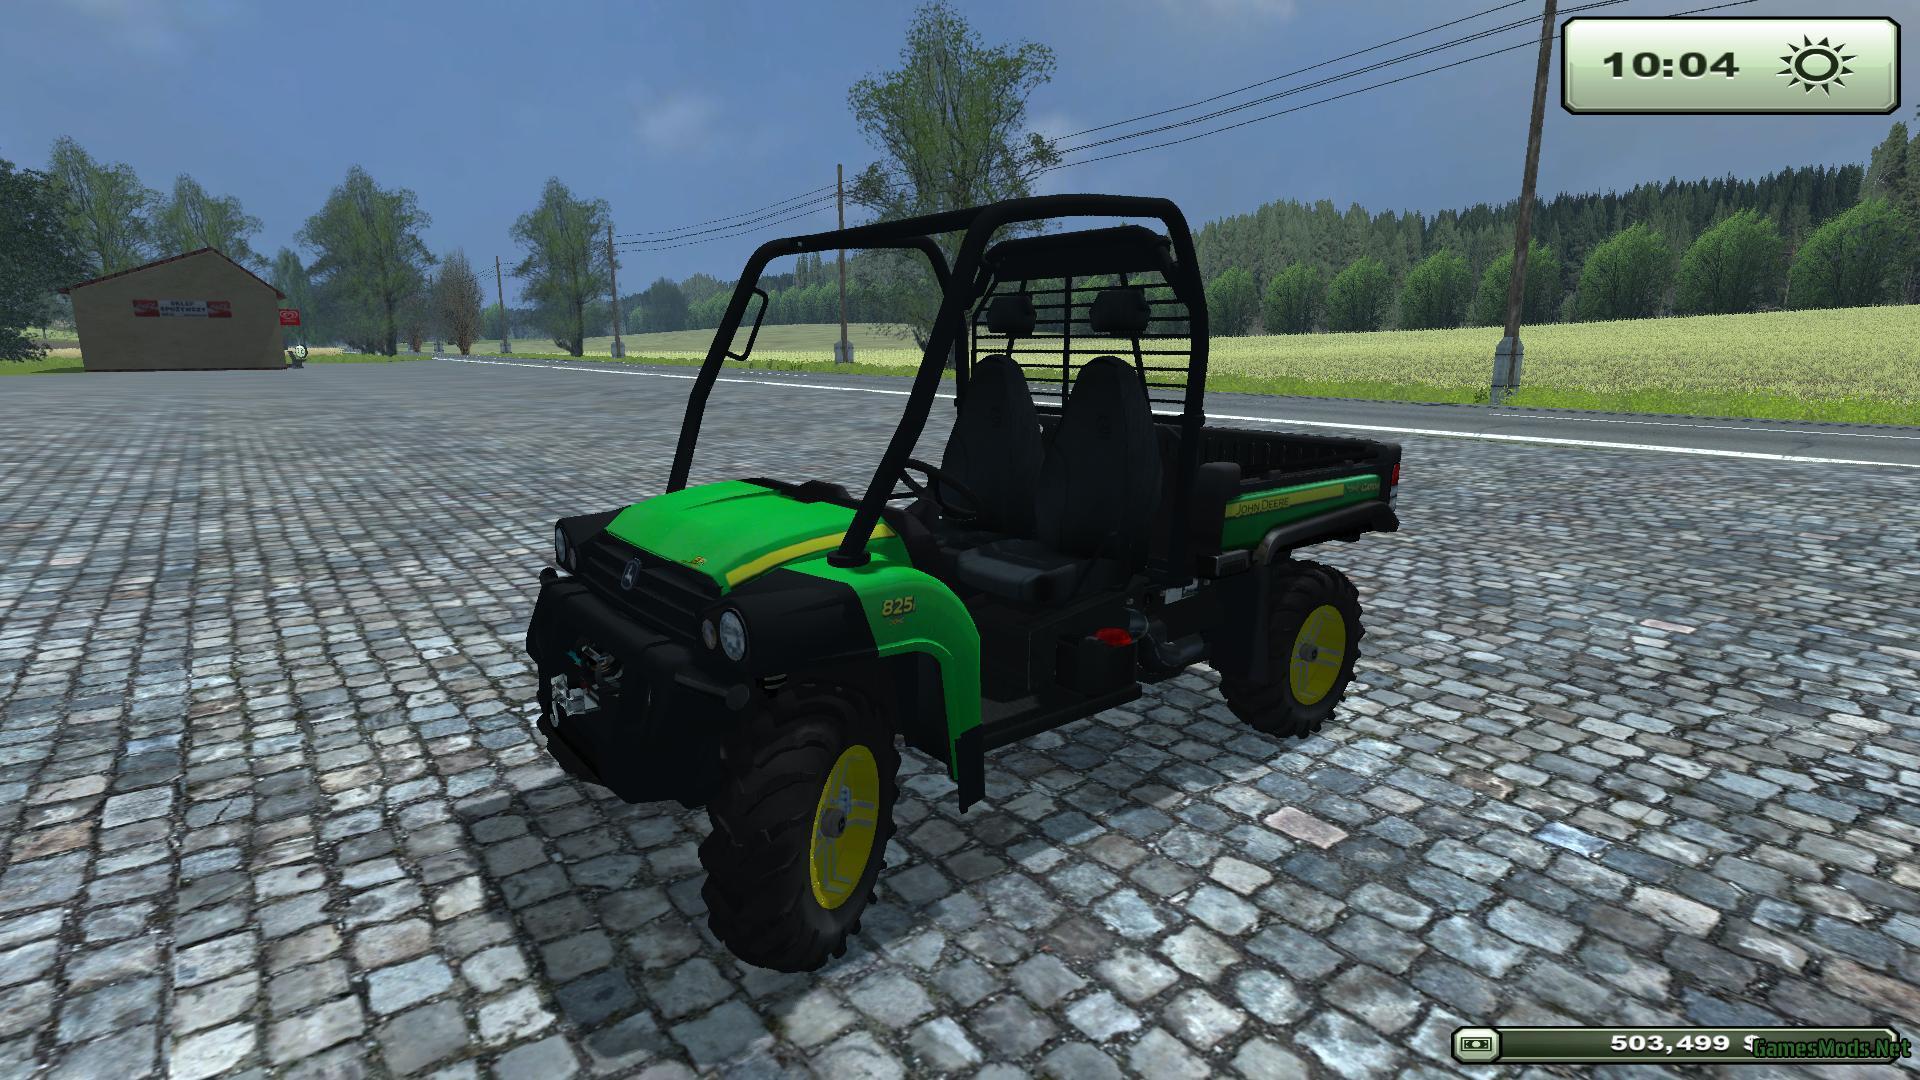 John Deere Gator 825 v1.0